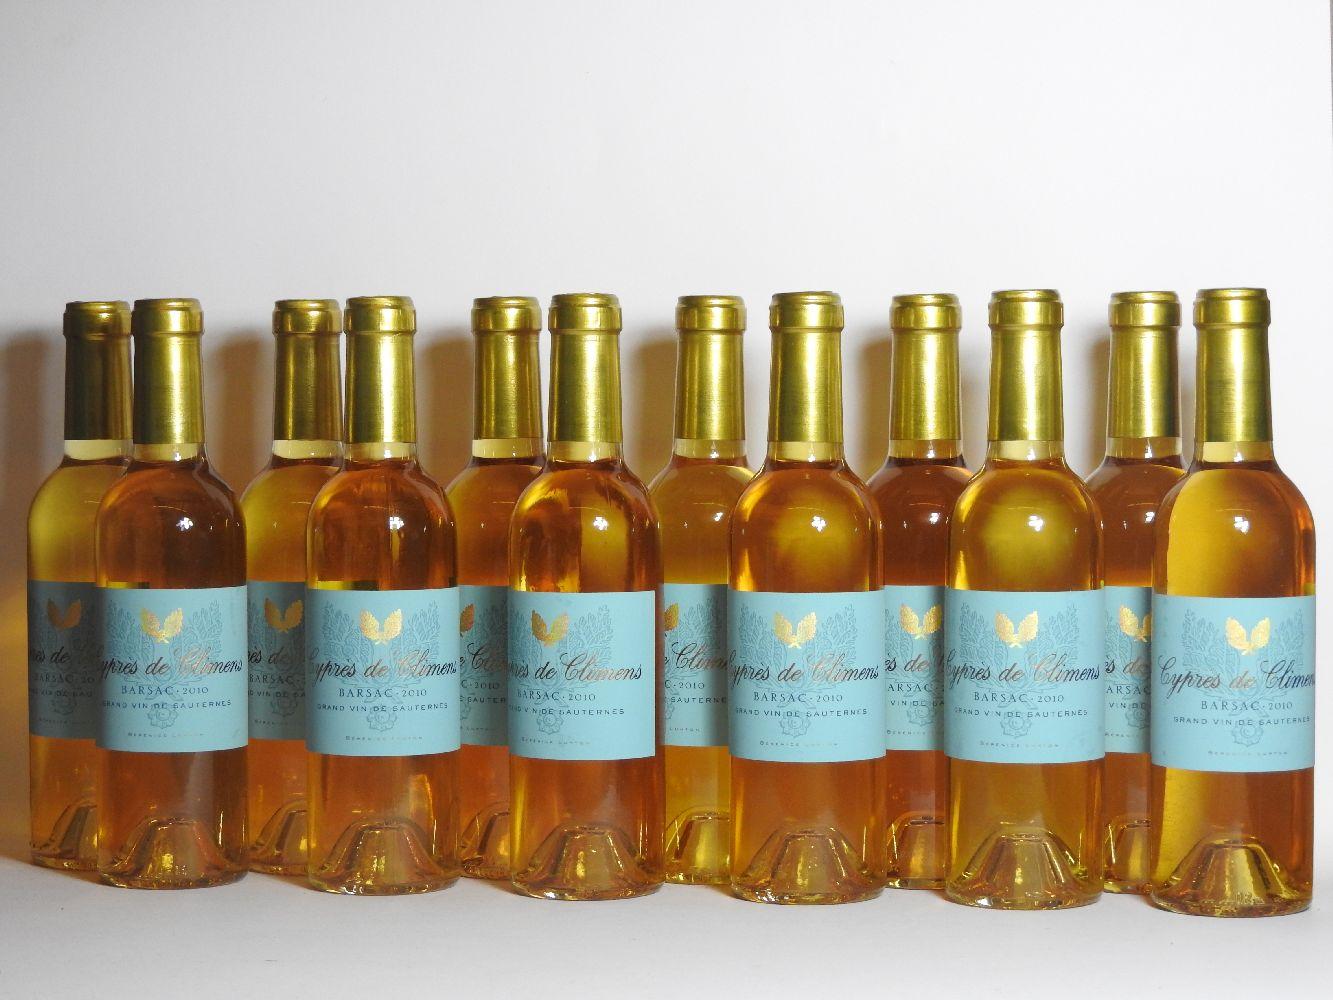 Lot 45 - Cypres de Climens, Barsac, 2010, twelve half bottles (boxed)